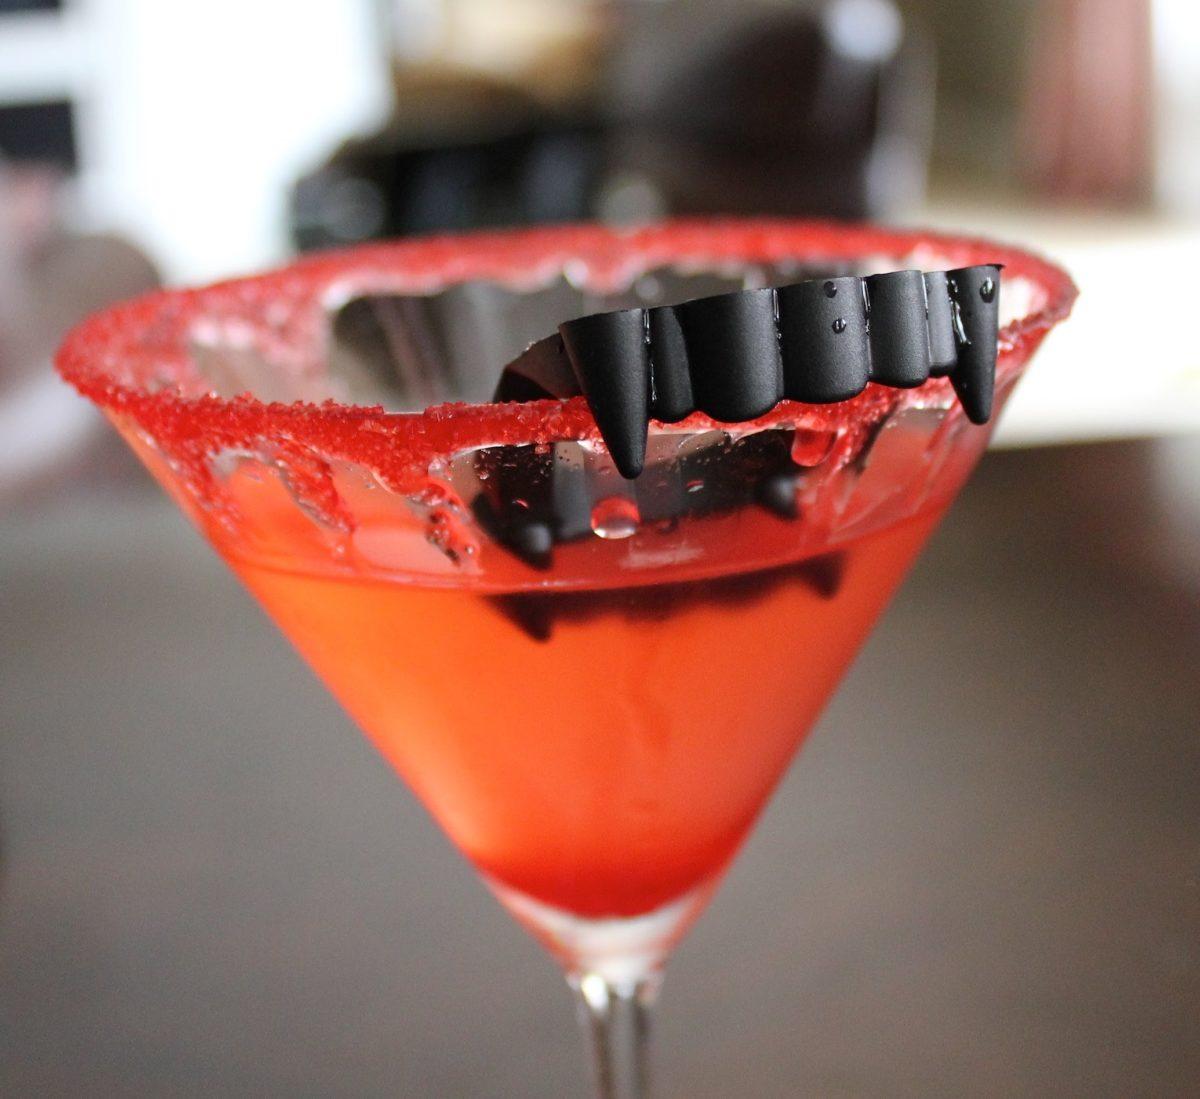 Vampire's Kiss Martini